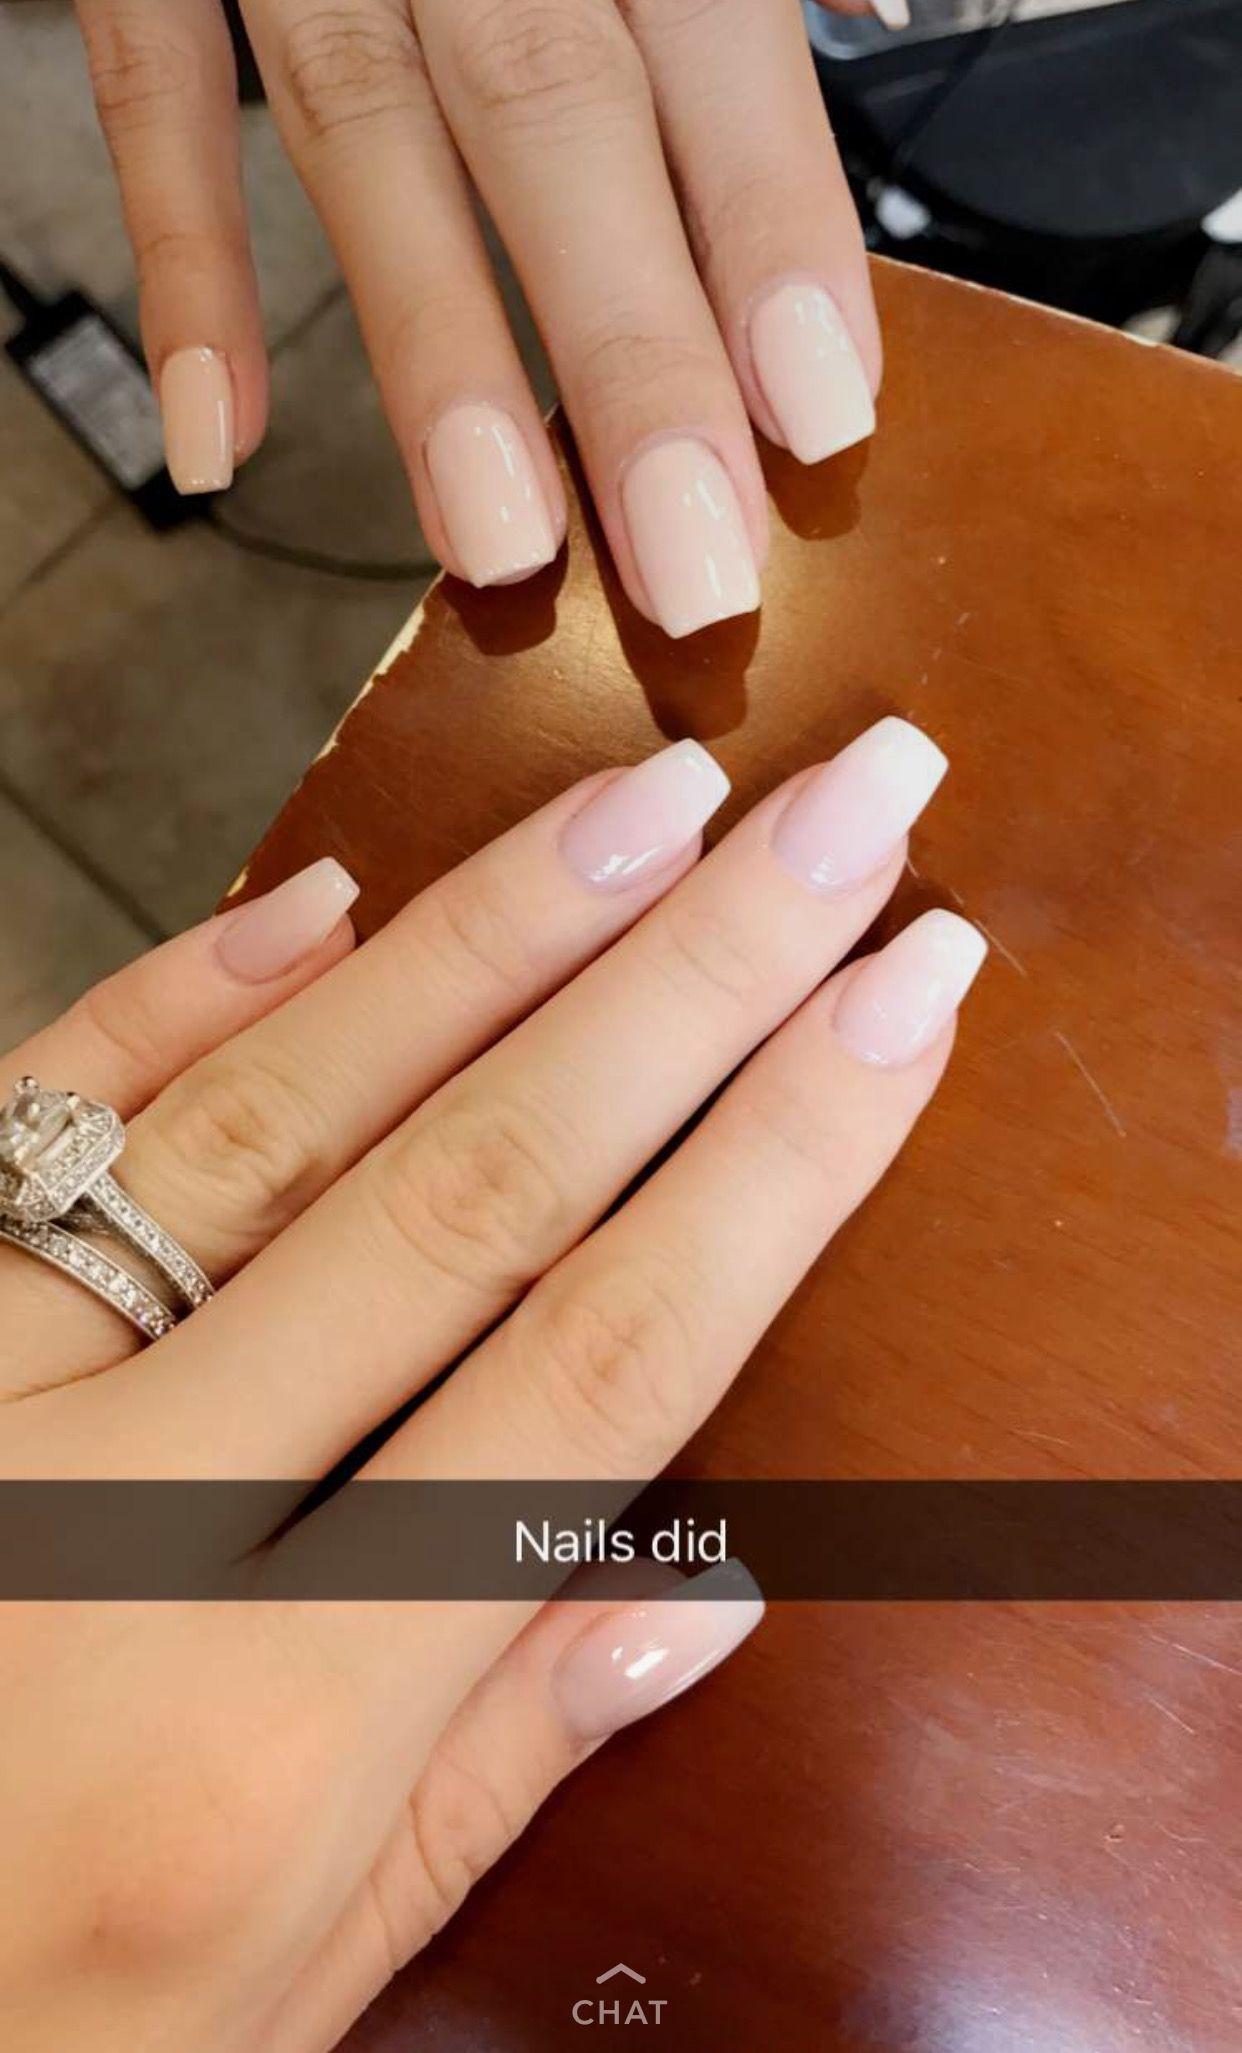 Pin By Jaime Kidd On Wedding Makeup In 2020 Nails Tumblr Short Acrylic Nails Colorful Nail Designs